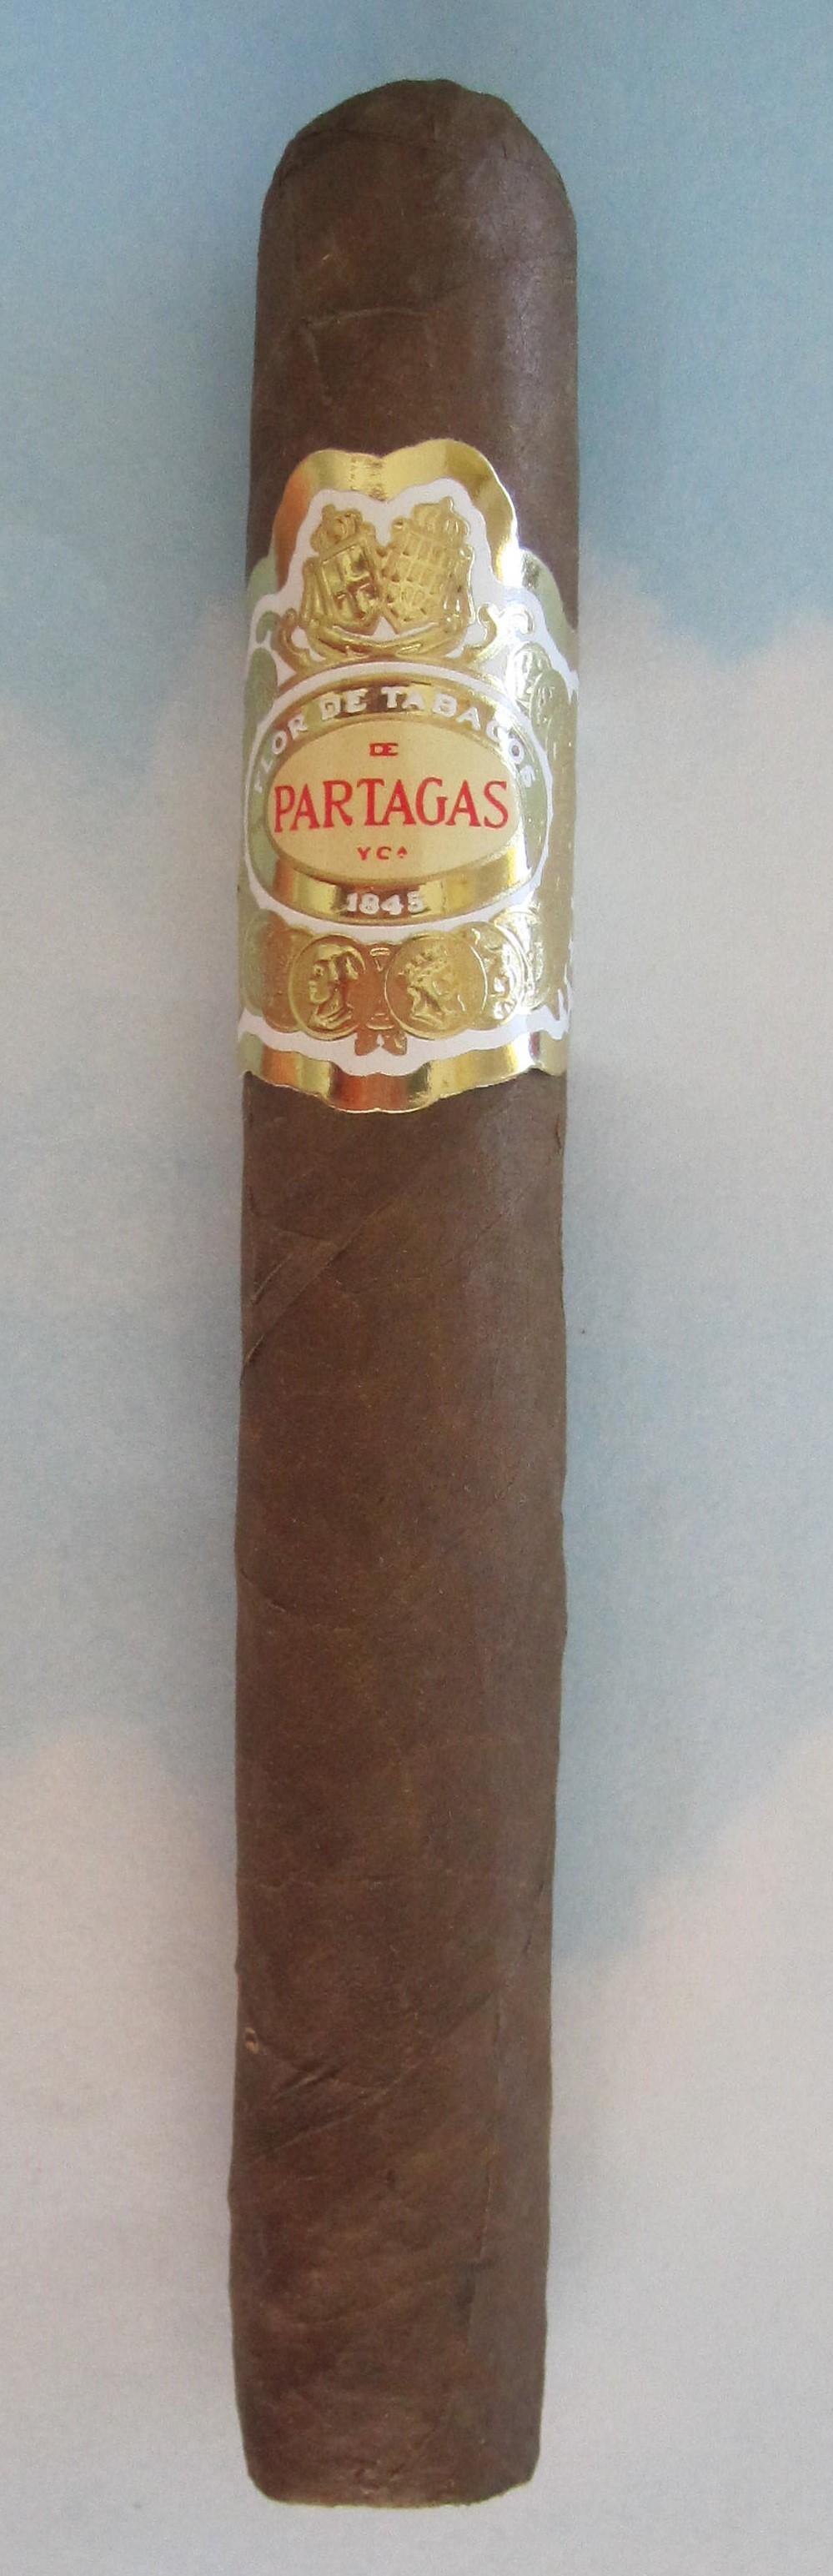 Partagas Ramon y Ramon Cigar